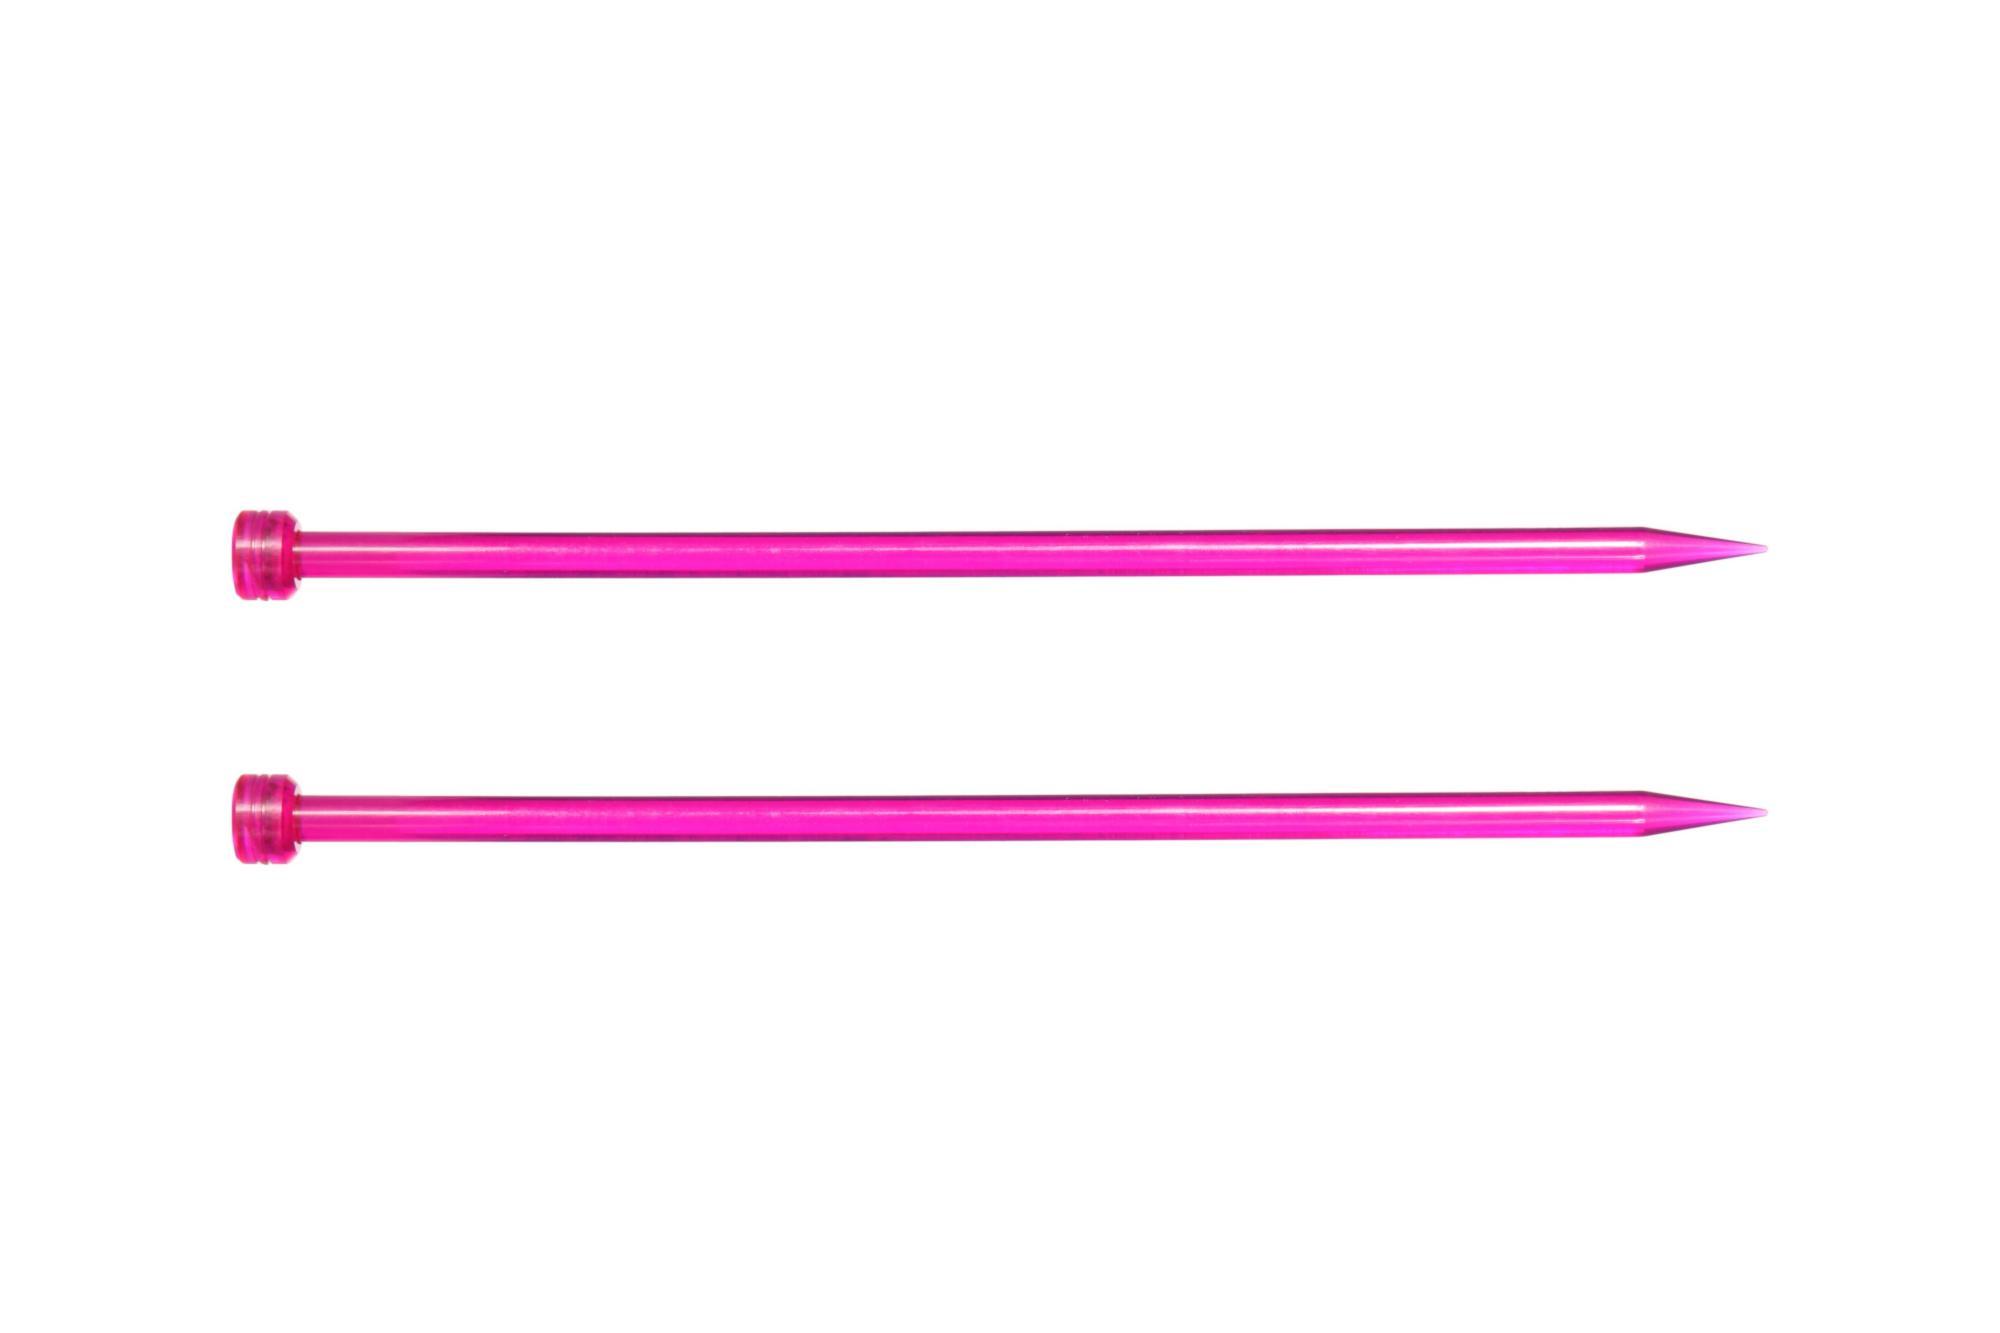 Спицы прямые 35 см Trendz KnitPro, 51216, 8.00 мм